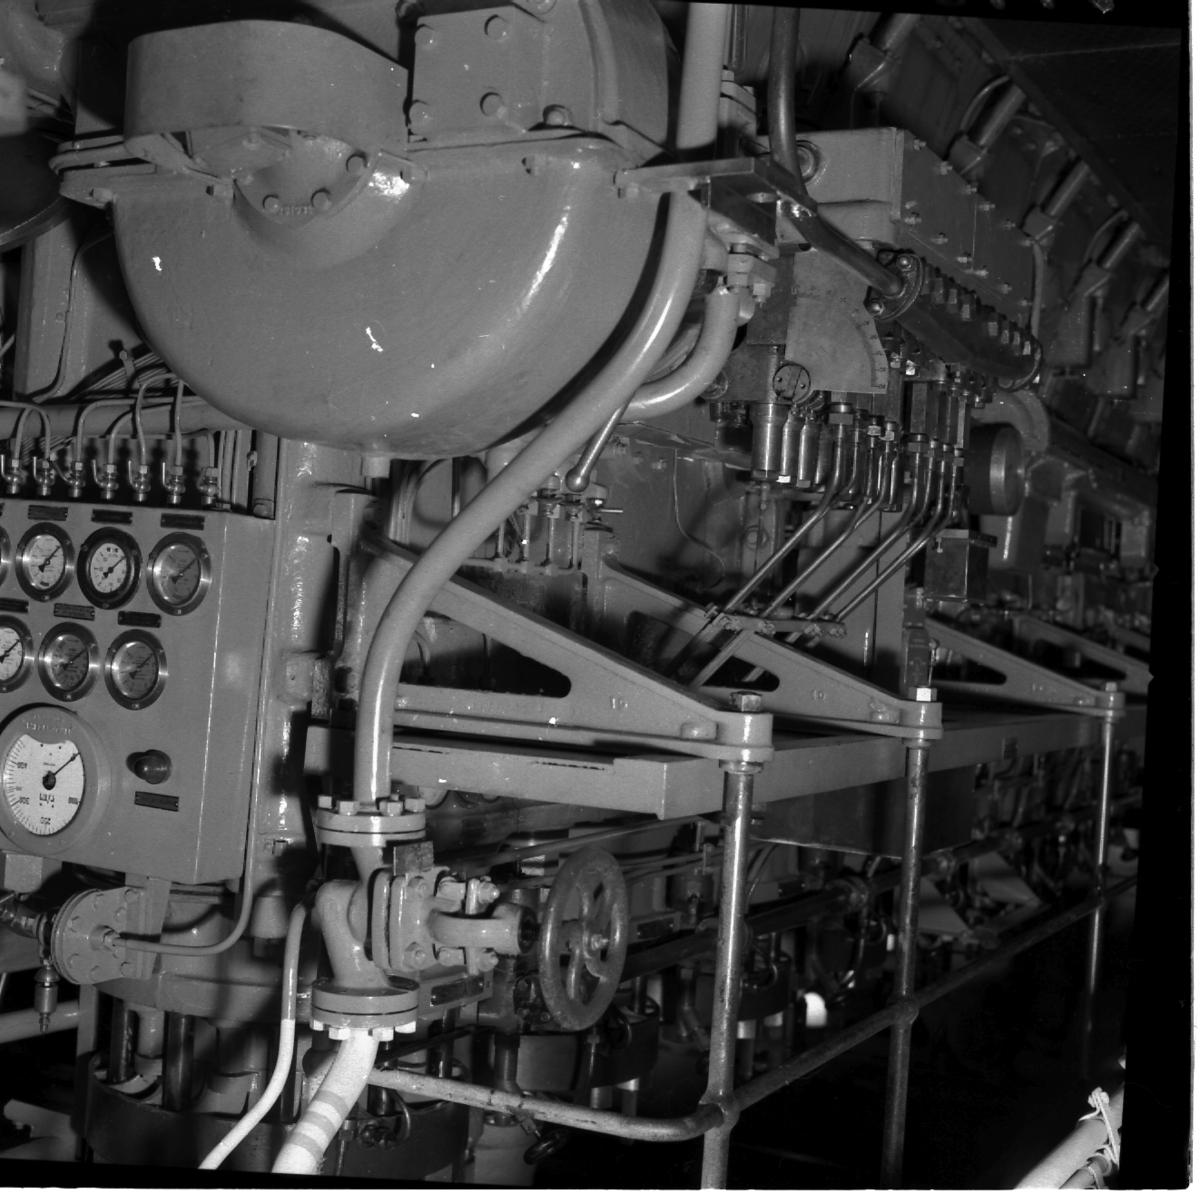 Fartyg: THULE                           Övrigt: Isbrytaren Thule, instrument i maskin och på bryggan.